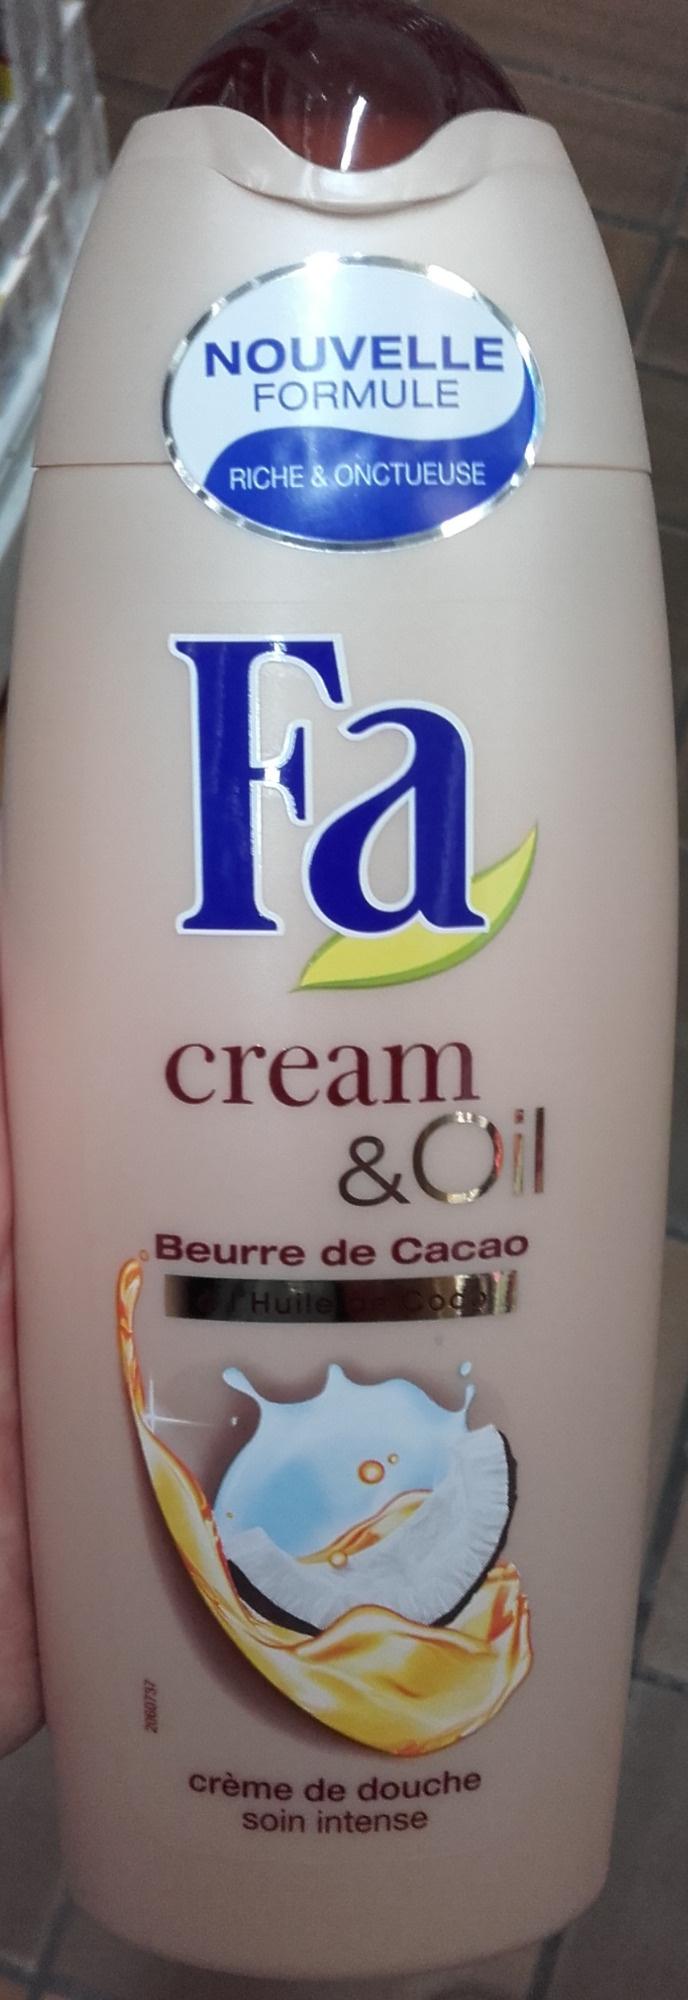 Cream & Oil Beurre de cacao Huile de coco Crème de douche - Produit - fr